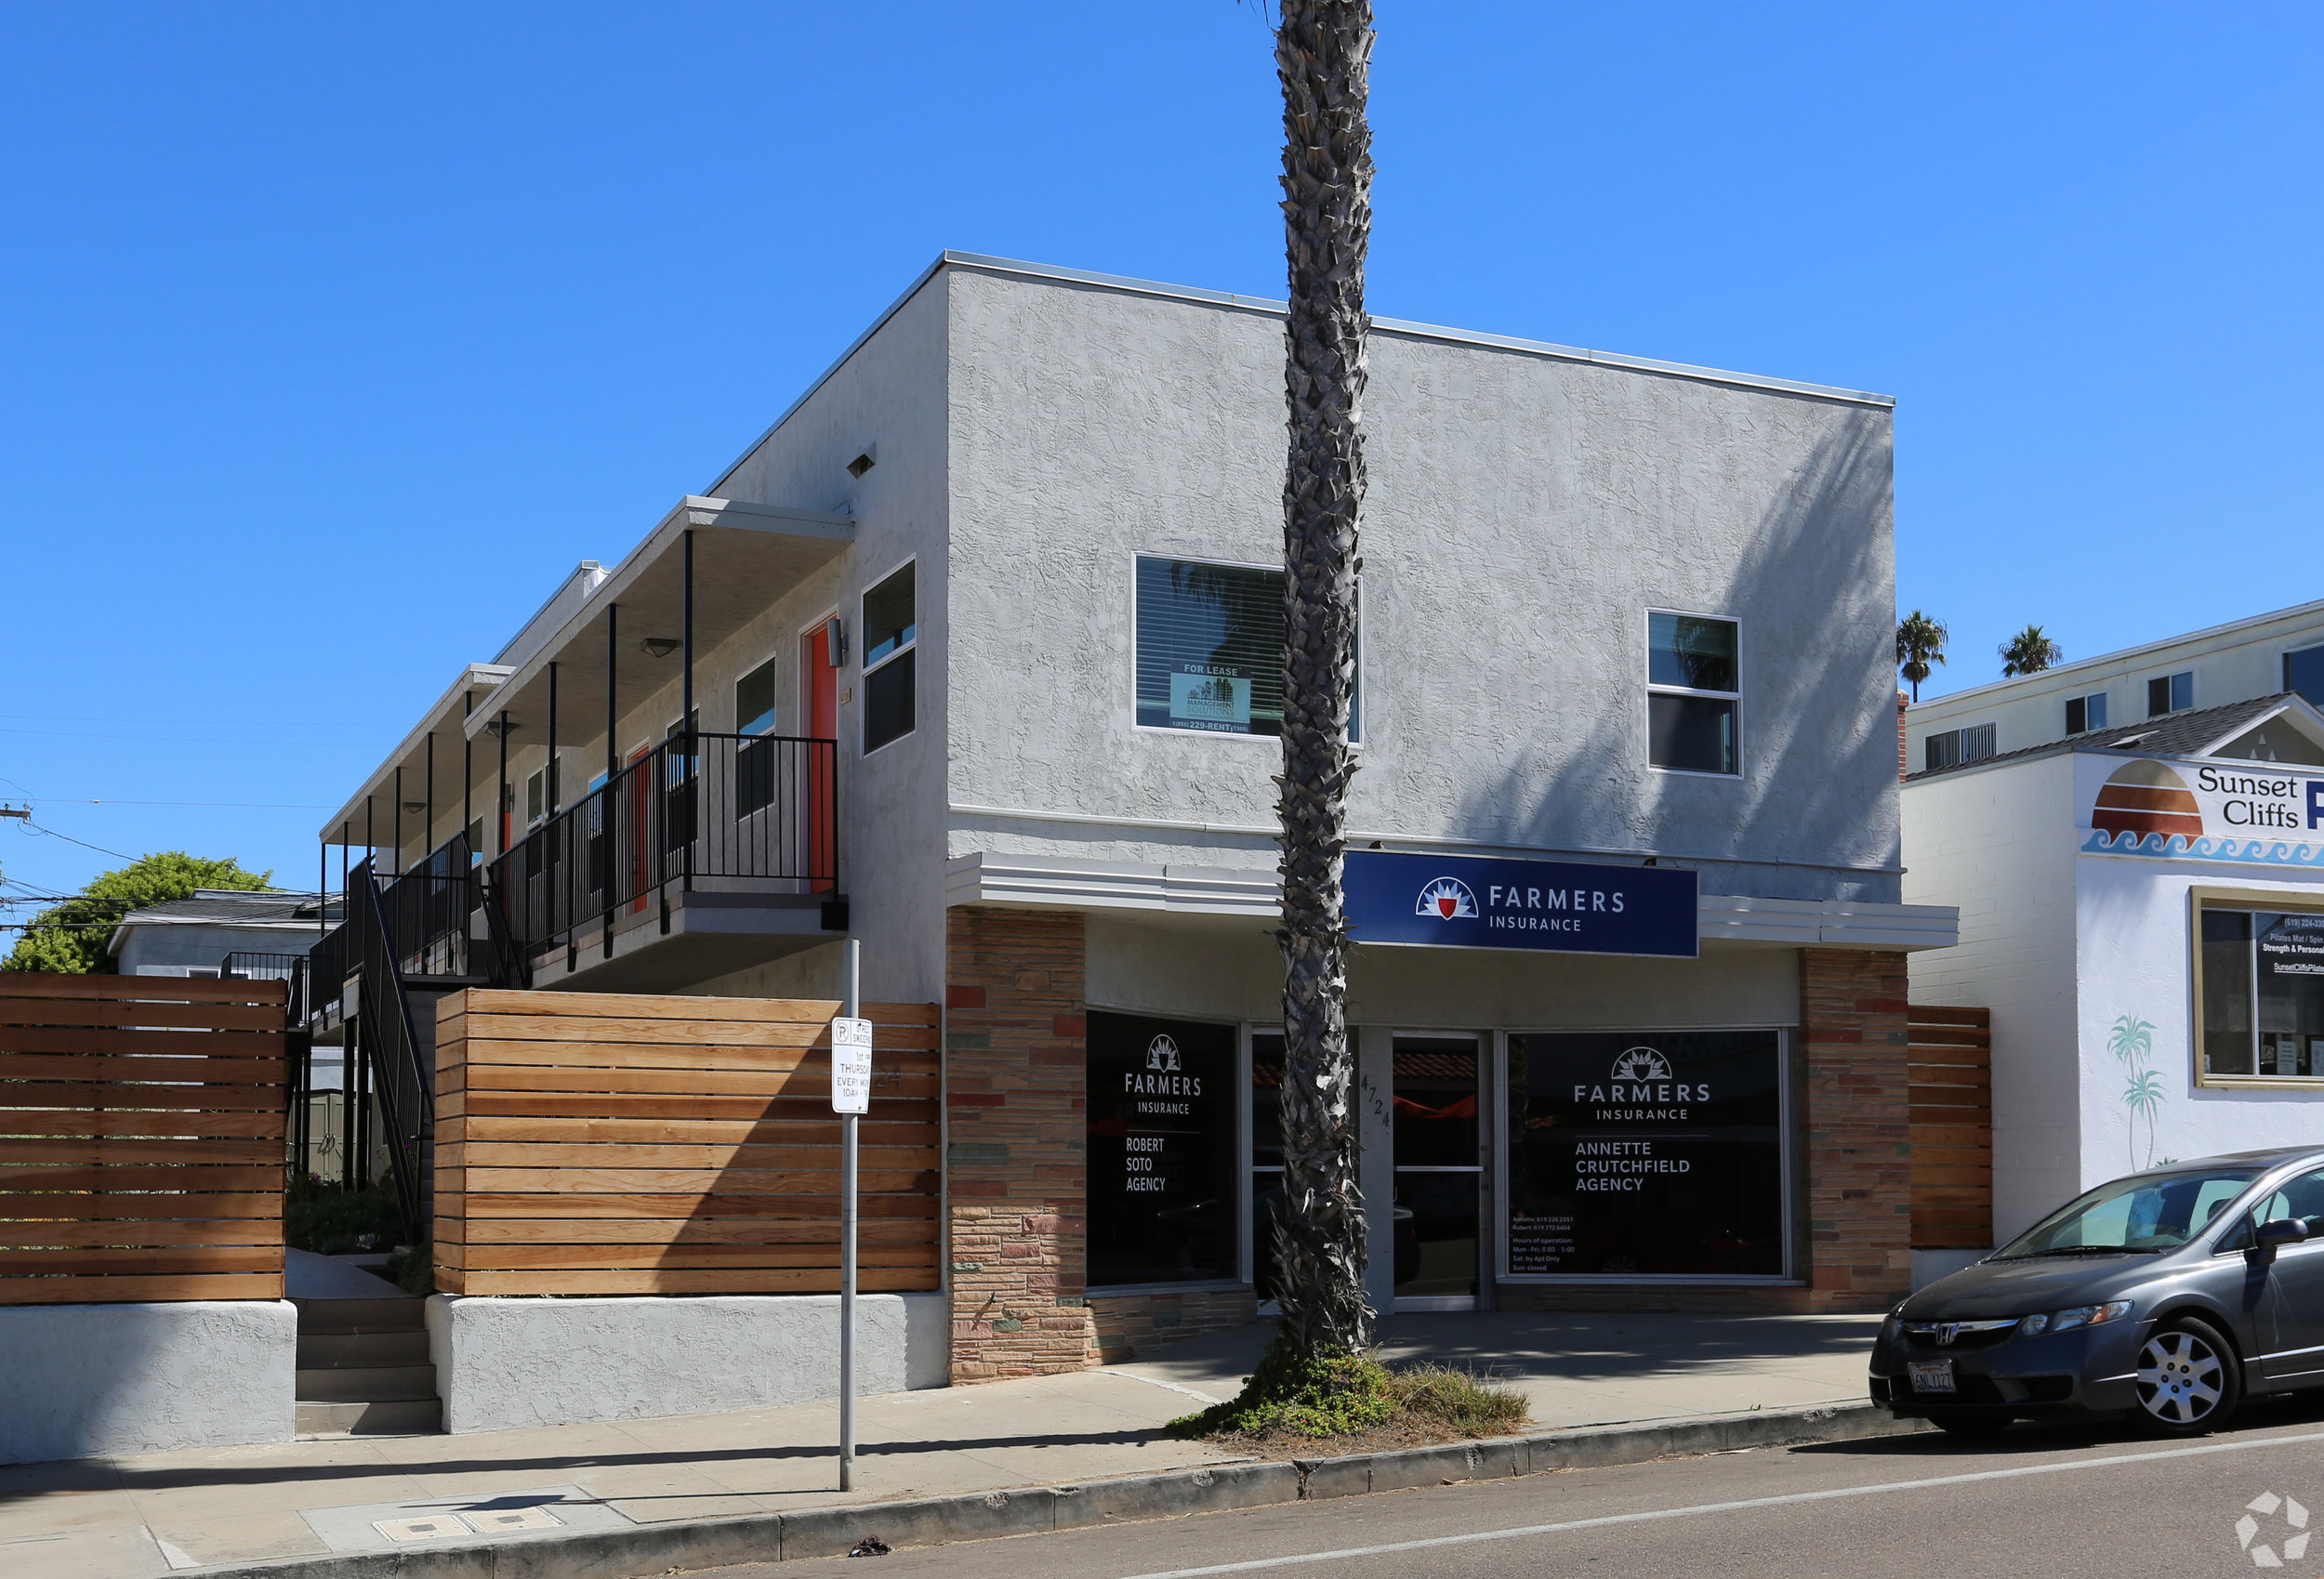 4724 Point Loma Avenue - Ocean Beach7 Units$1,650,000